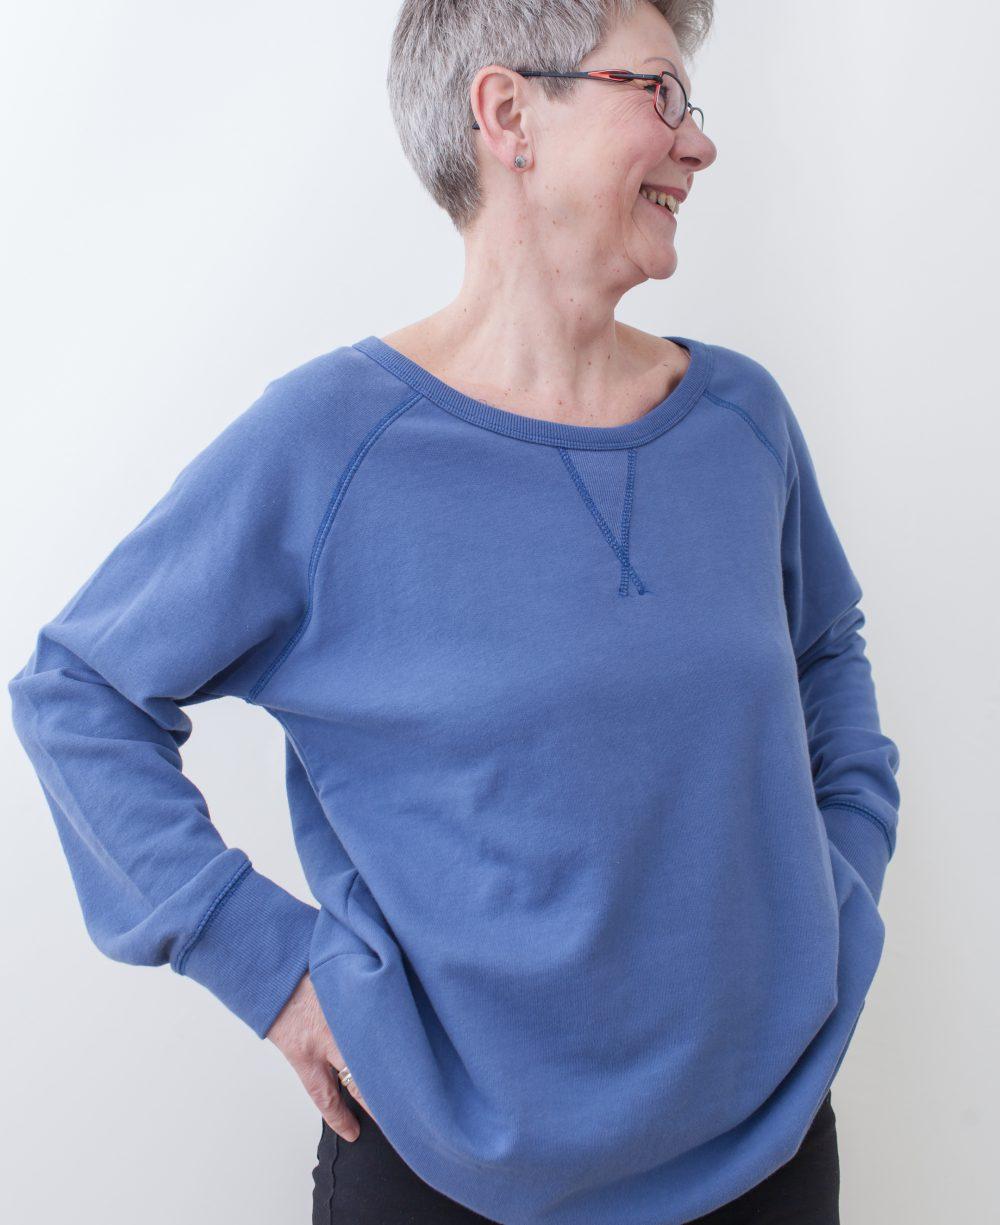 blau-damen-pullover-für-dialysepatienten-mit-individuellem-reißverschluss-diazipp-2